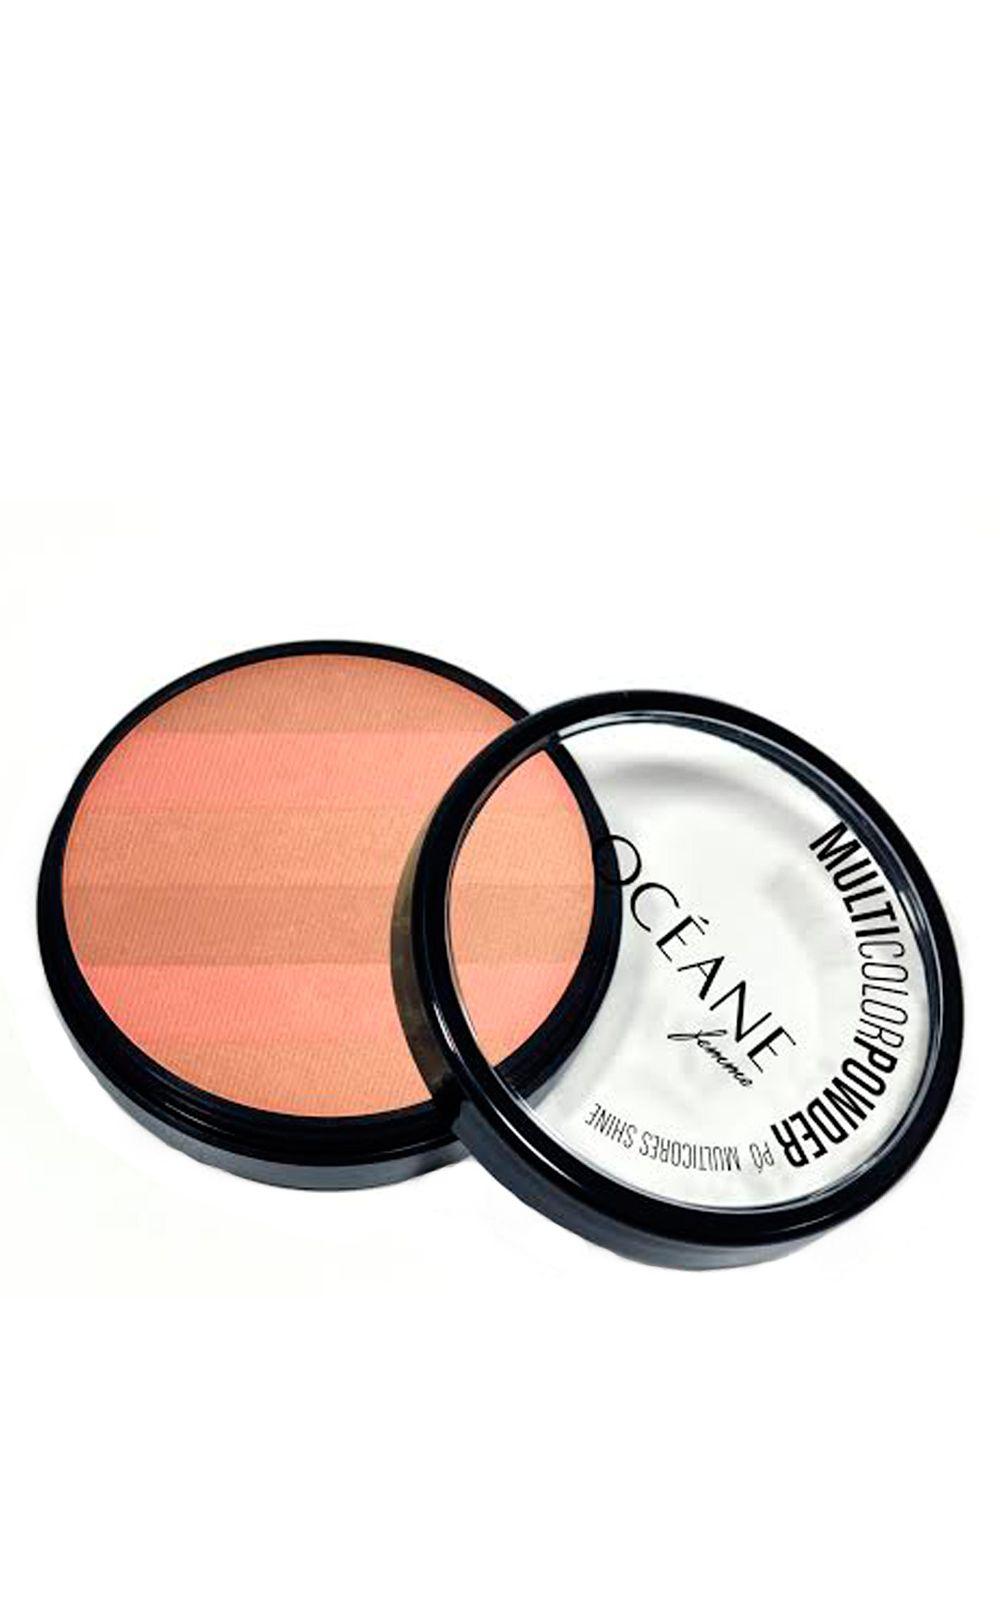 Foto 2 - Multicolor Powder Shine Océane - Pó Facial - Multicolor